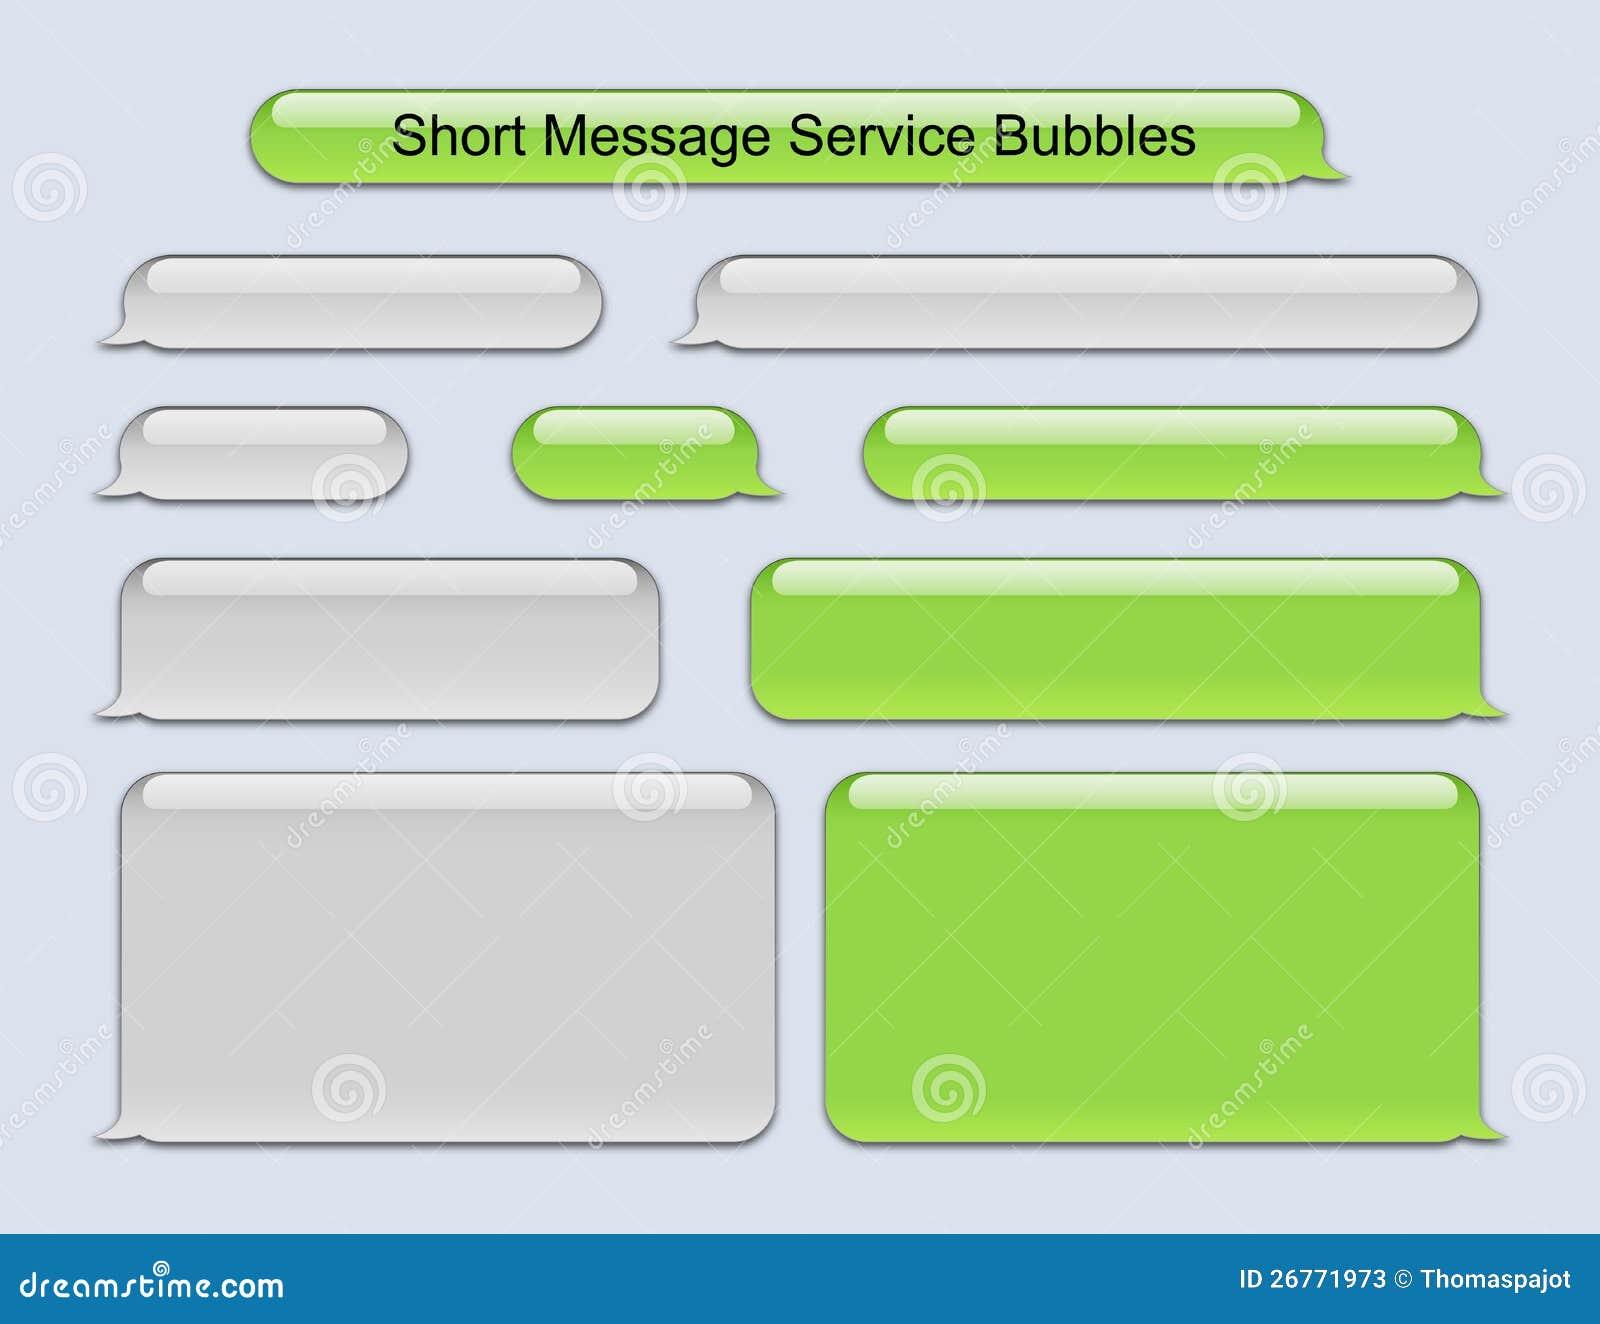 Blank Text Message Bubble Short Message Service Bubbles